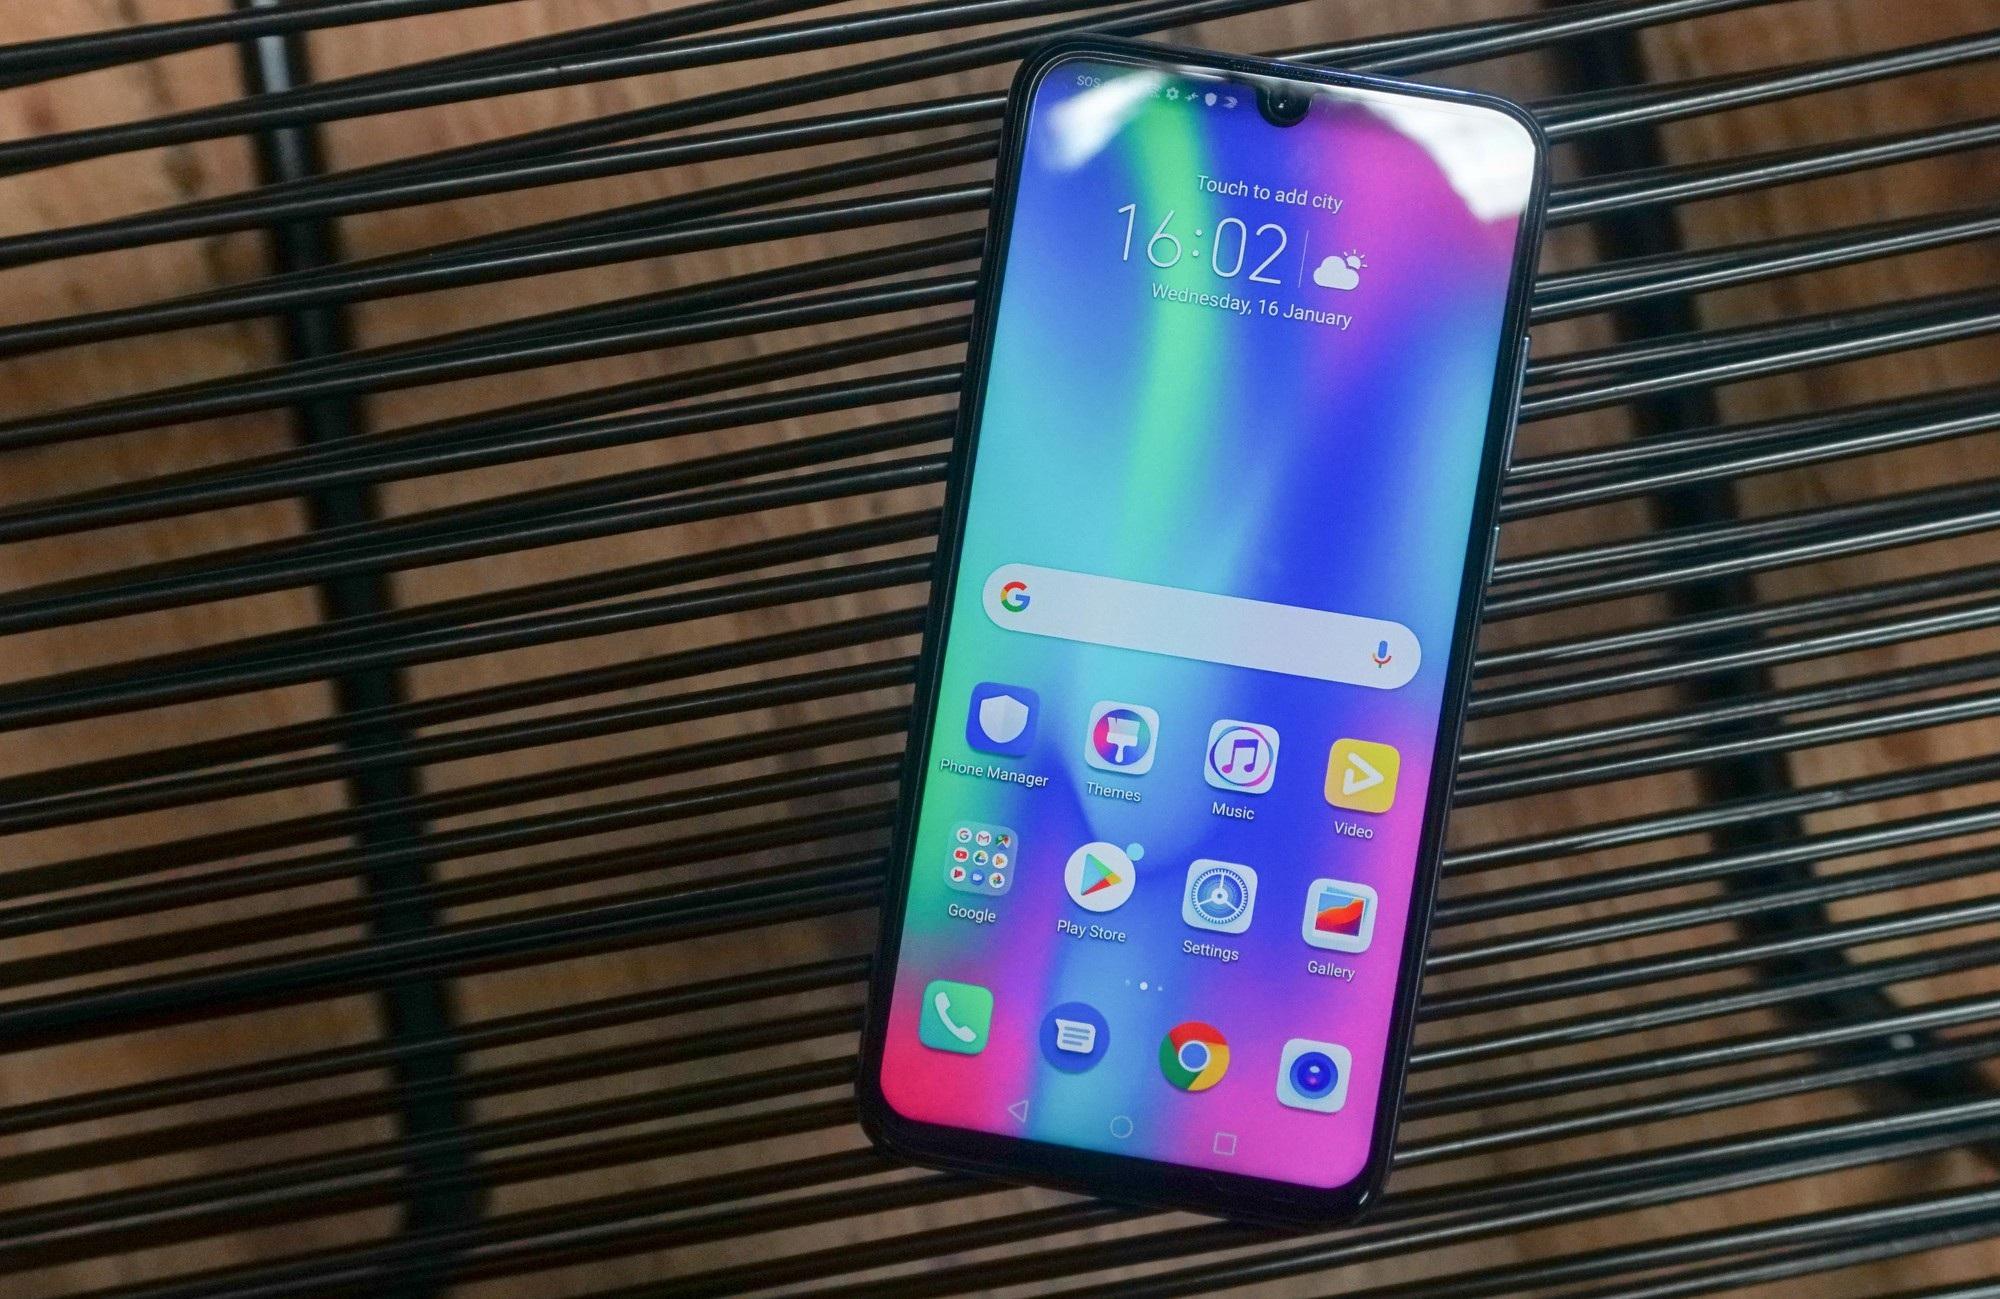 Đập hộp Honor 10 Lite - smartphone tầm trung sắp bán ở Việt Nam với giá khoảng 5 triệu đồng - Ảnh 5.